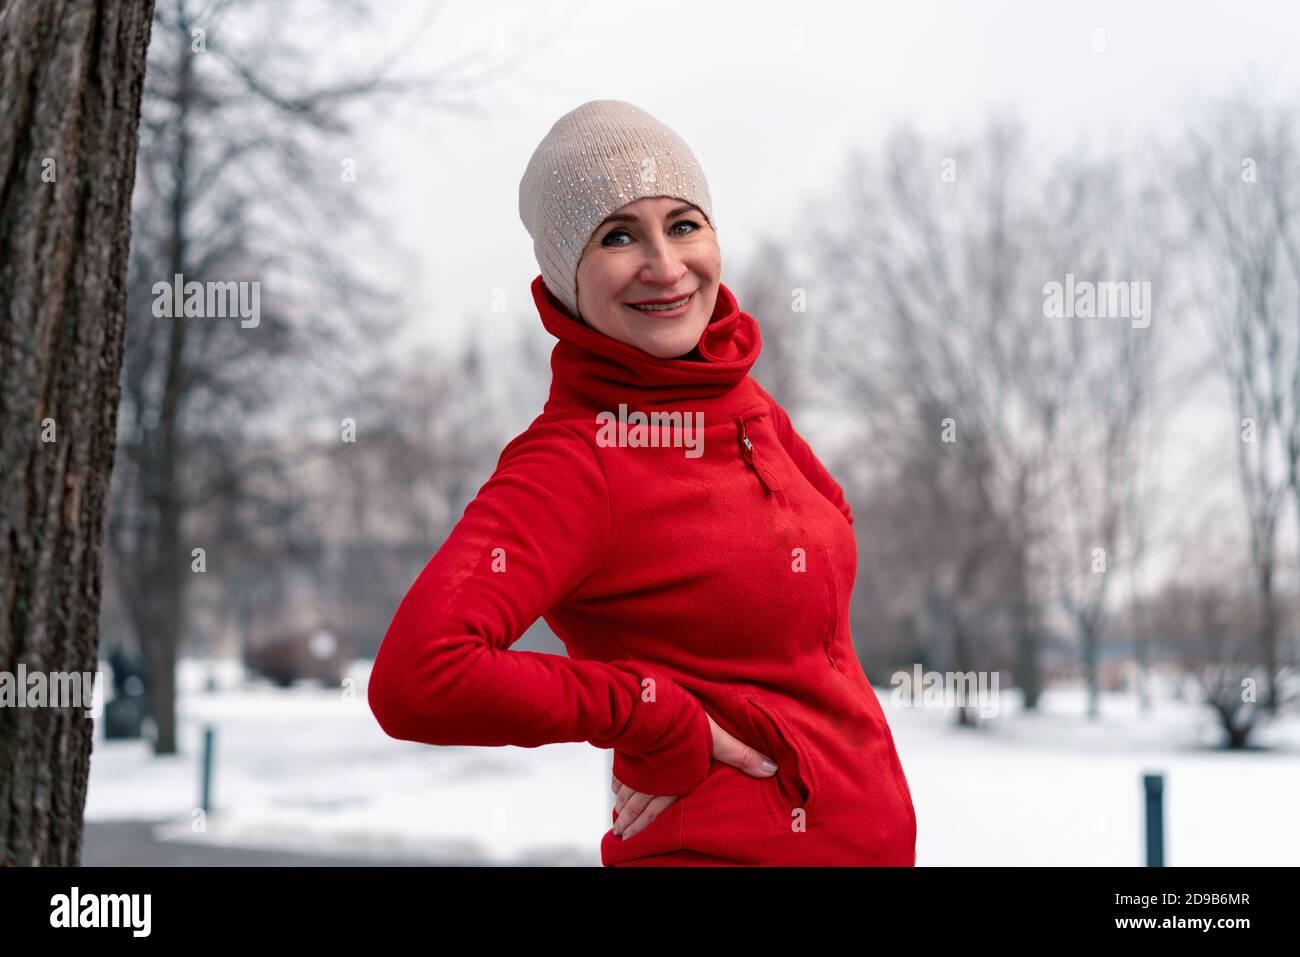 Belle femme mature dans Red Sportswear après avoir fait du jogging et de la course à l'extérieur avec Park at Background. Temps froid de l'année. Actif et sain Banque D'Images